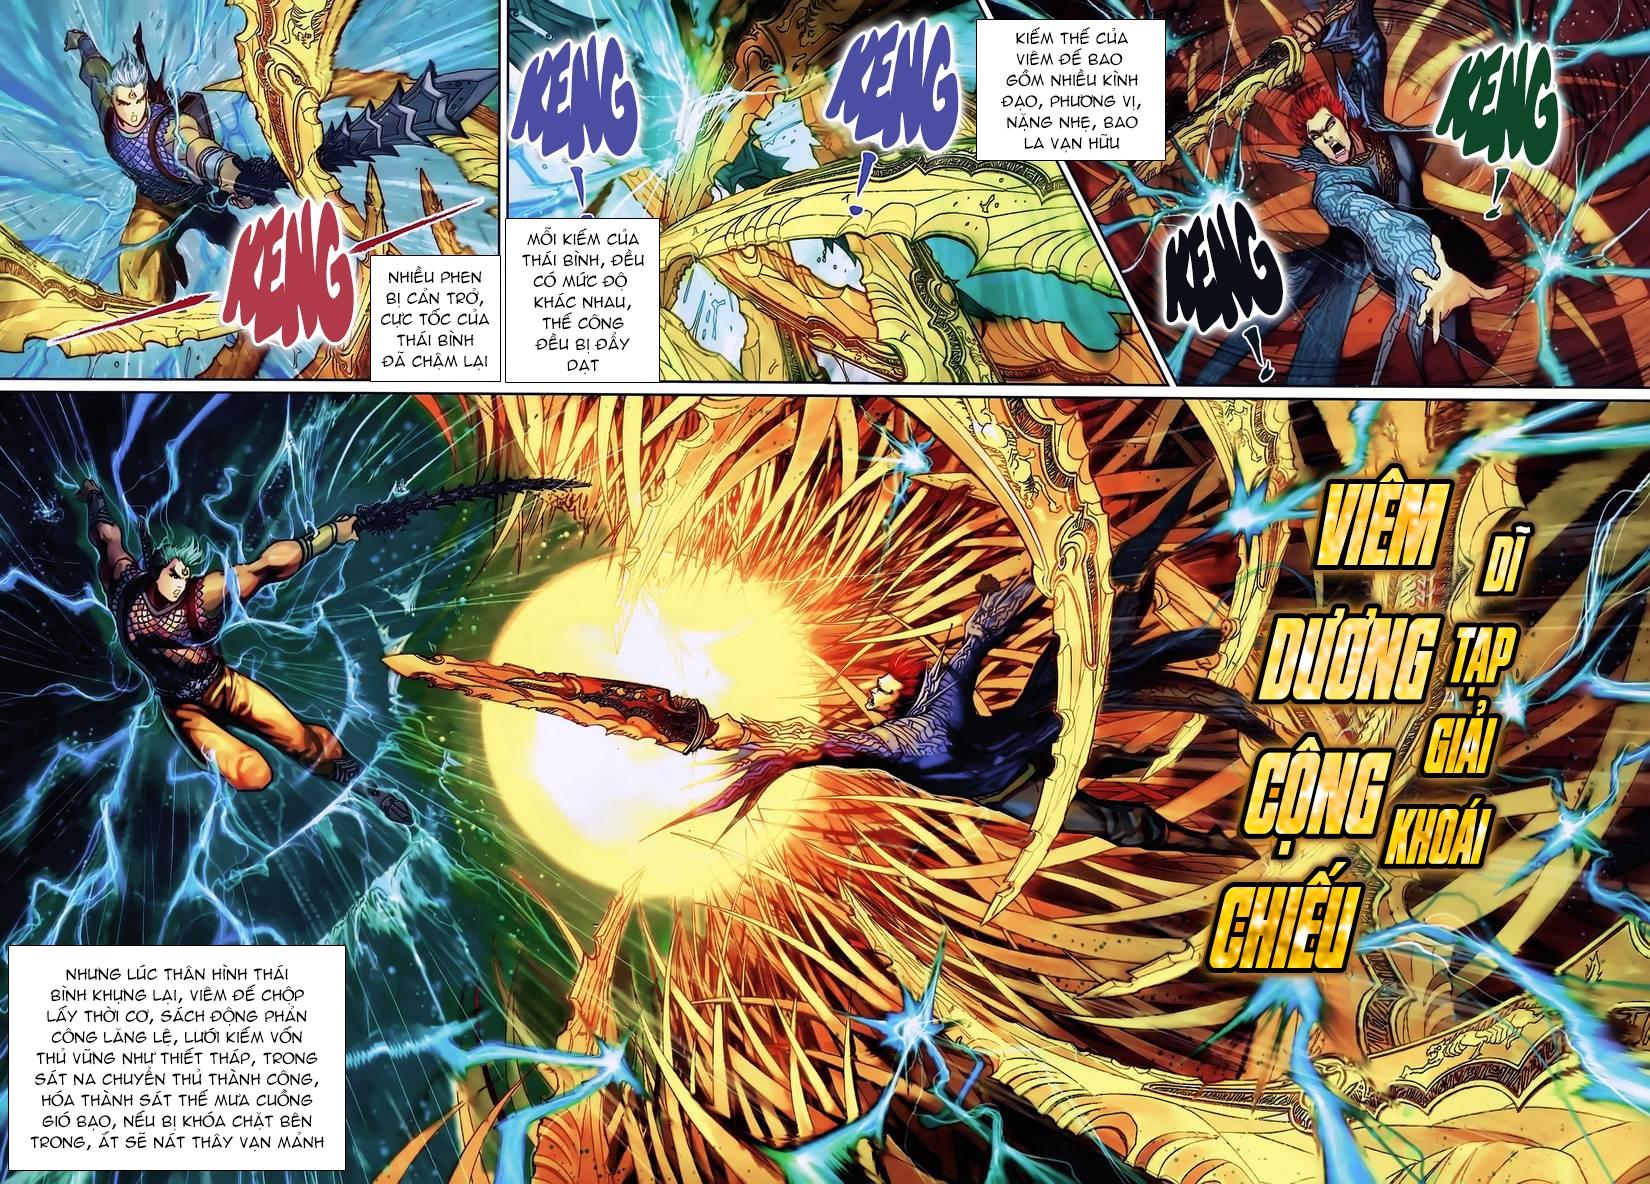 Thần binh huyền kỳ 3 - 3.5 tập 146 - 7